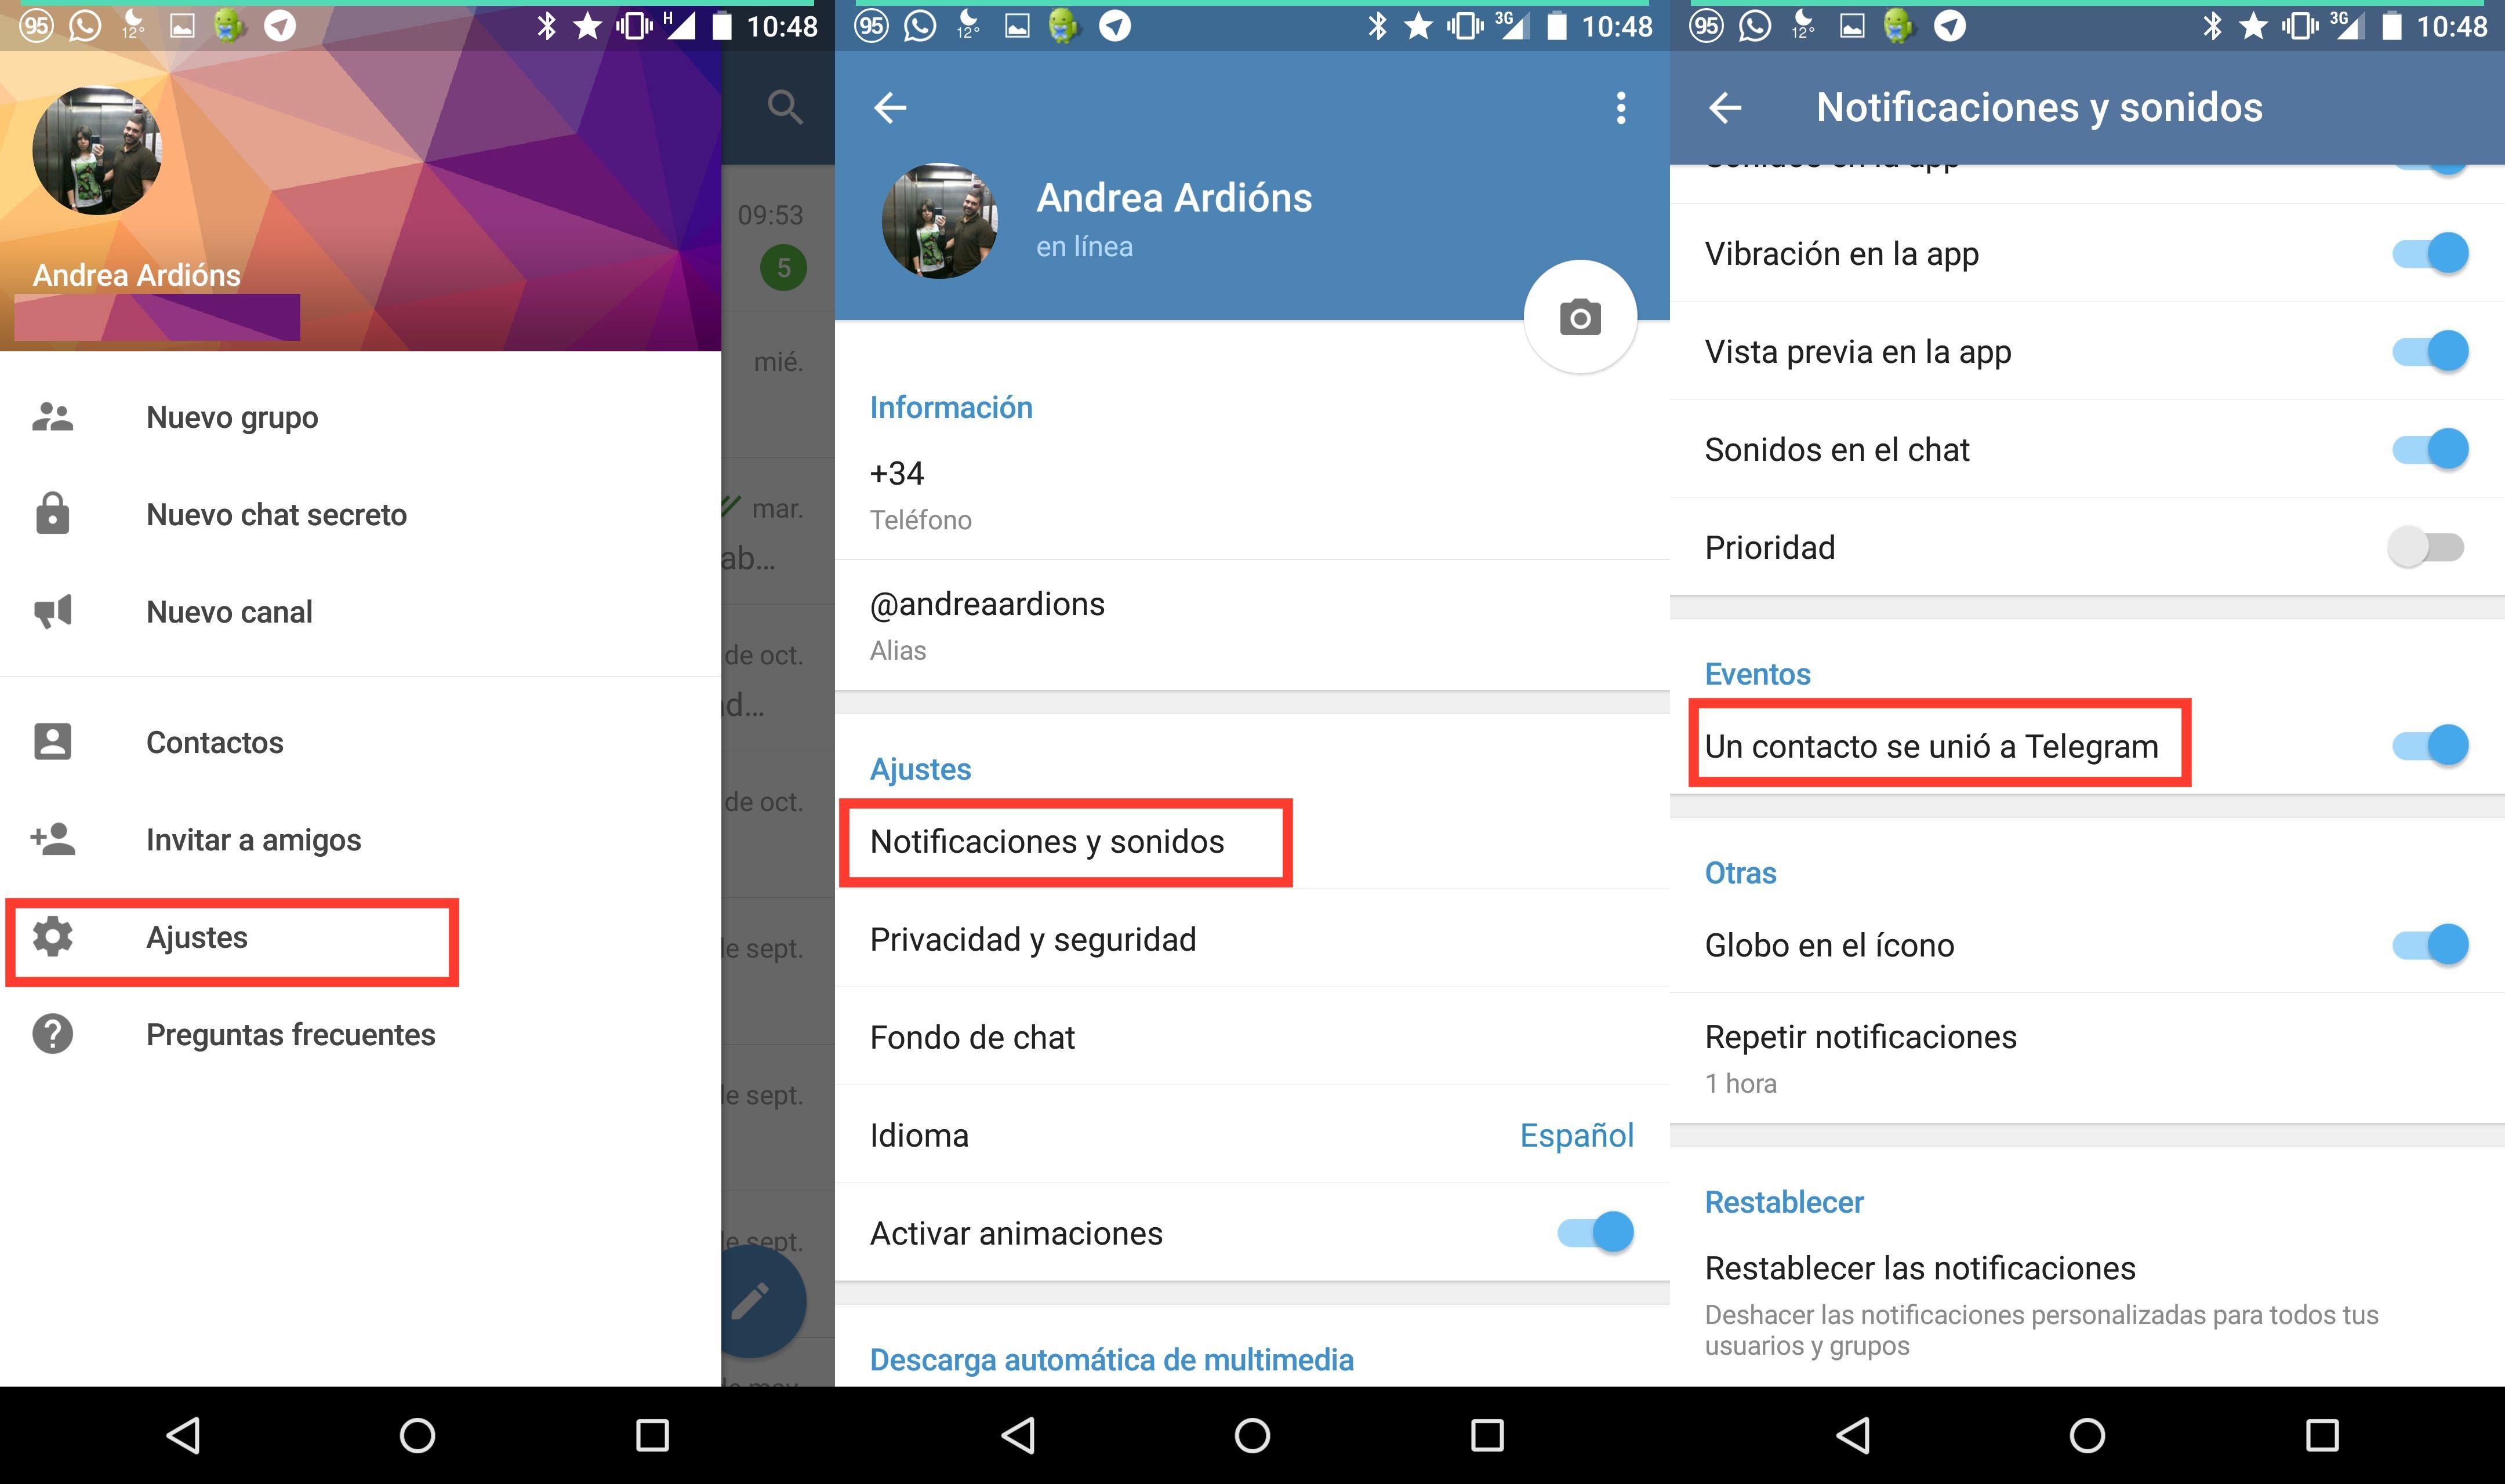 Cómo eliminar la notificación de un contacto se unió a Telegram